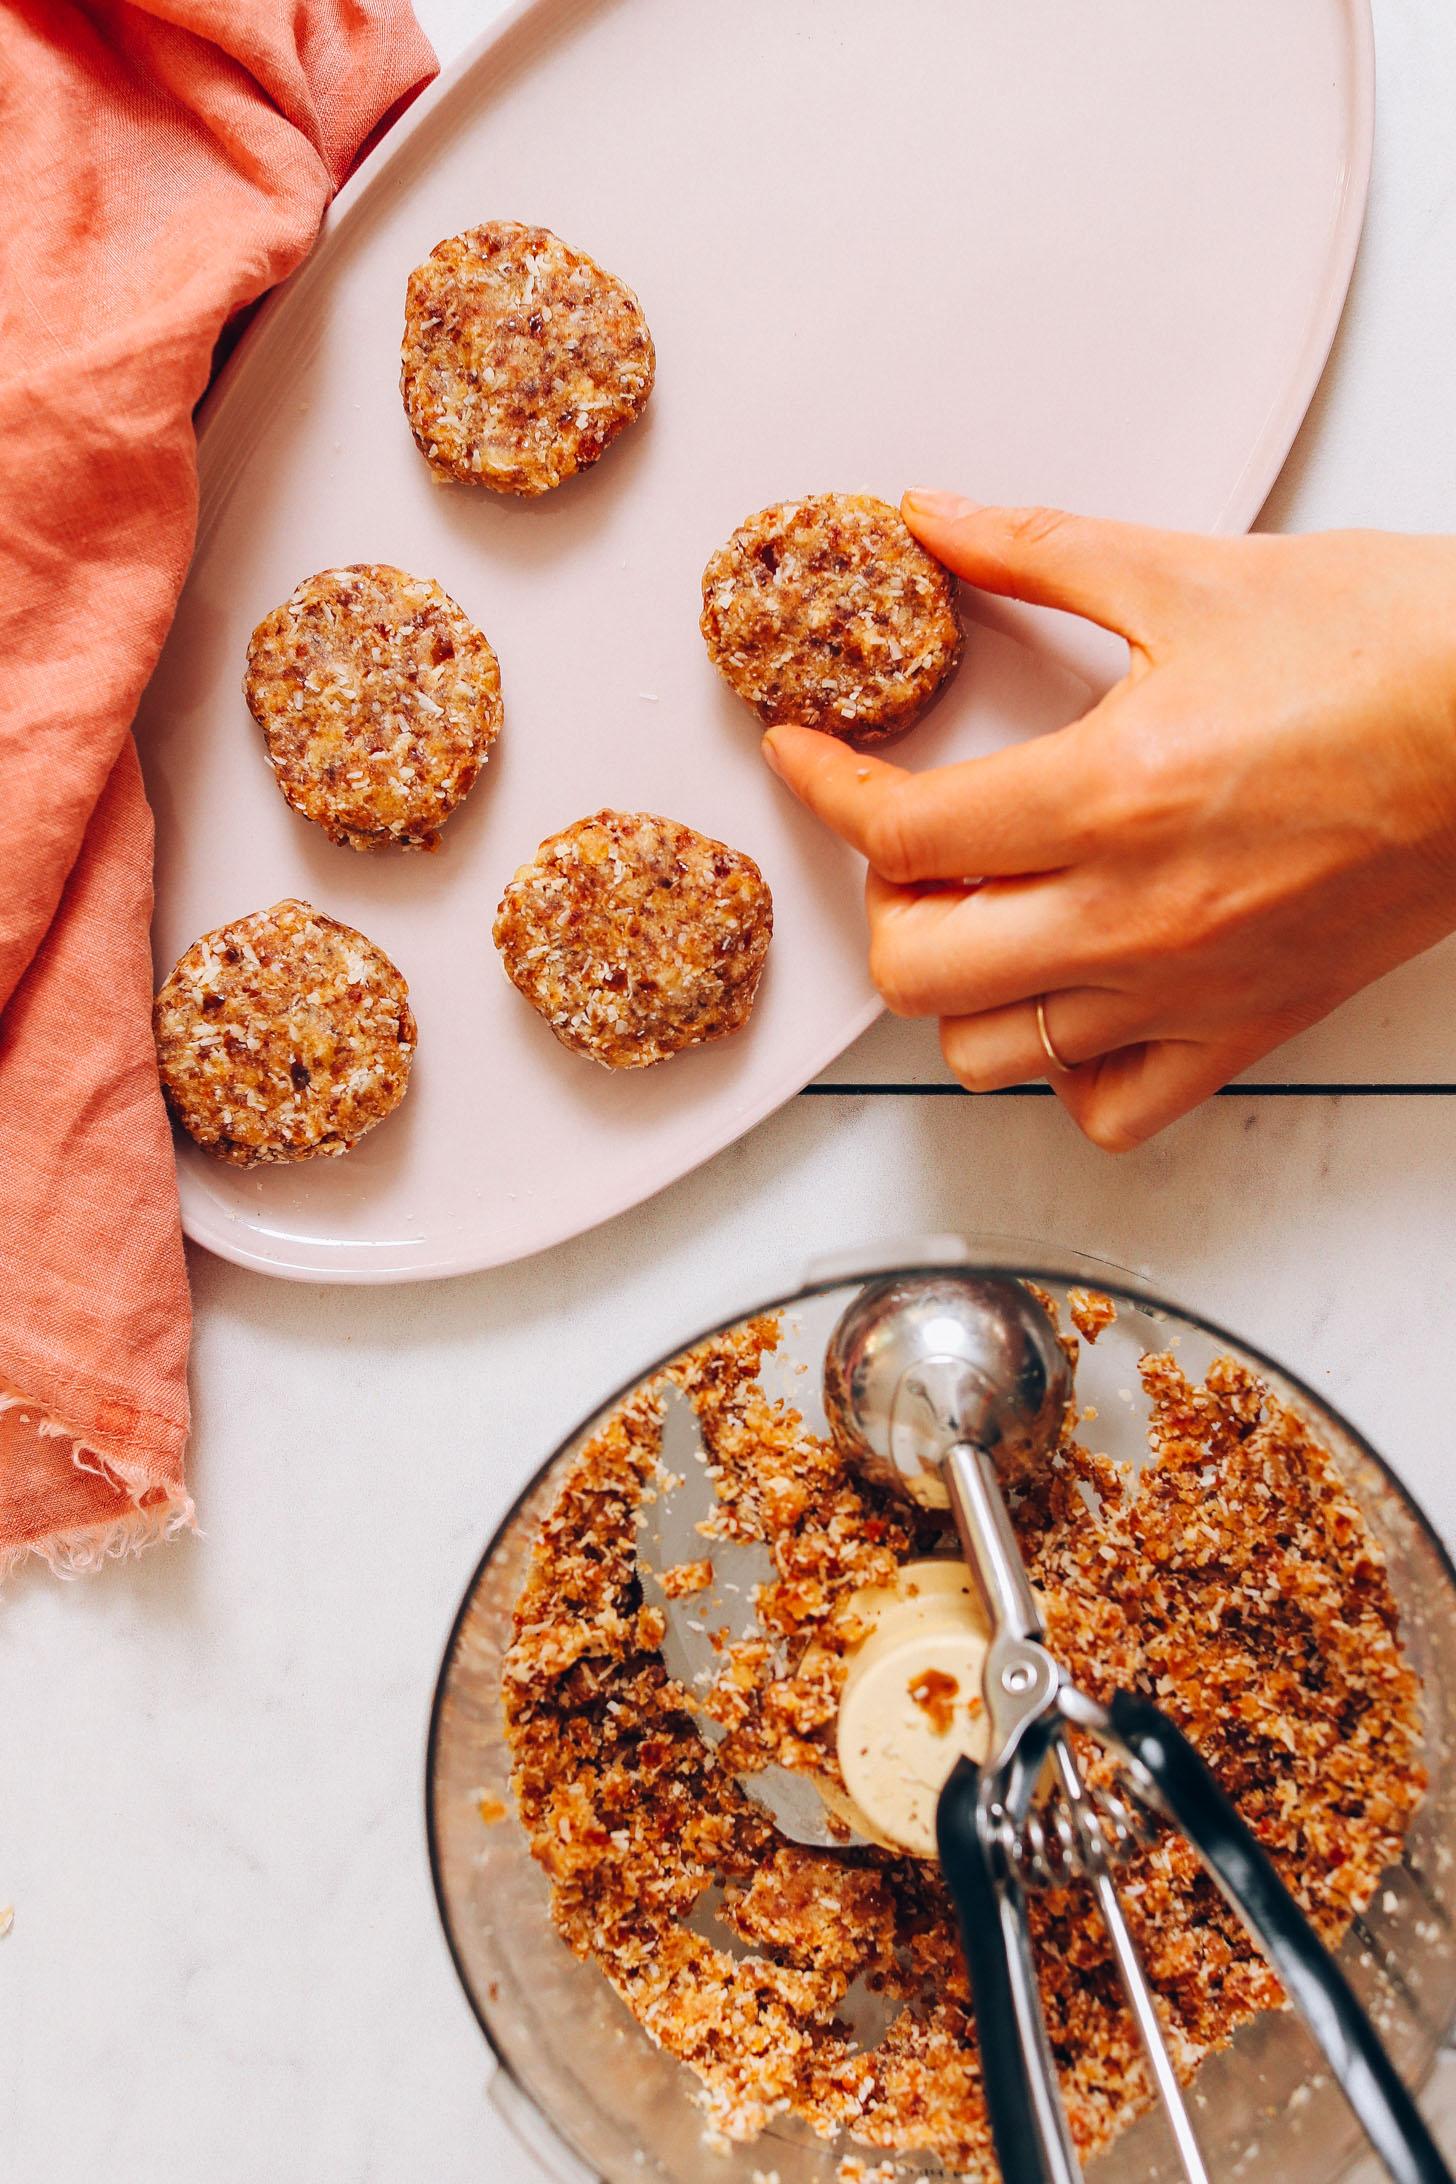 Placer la pâte à biscuits du robot culinaire sur un plat